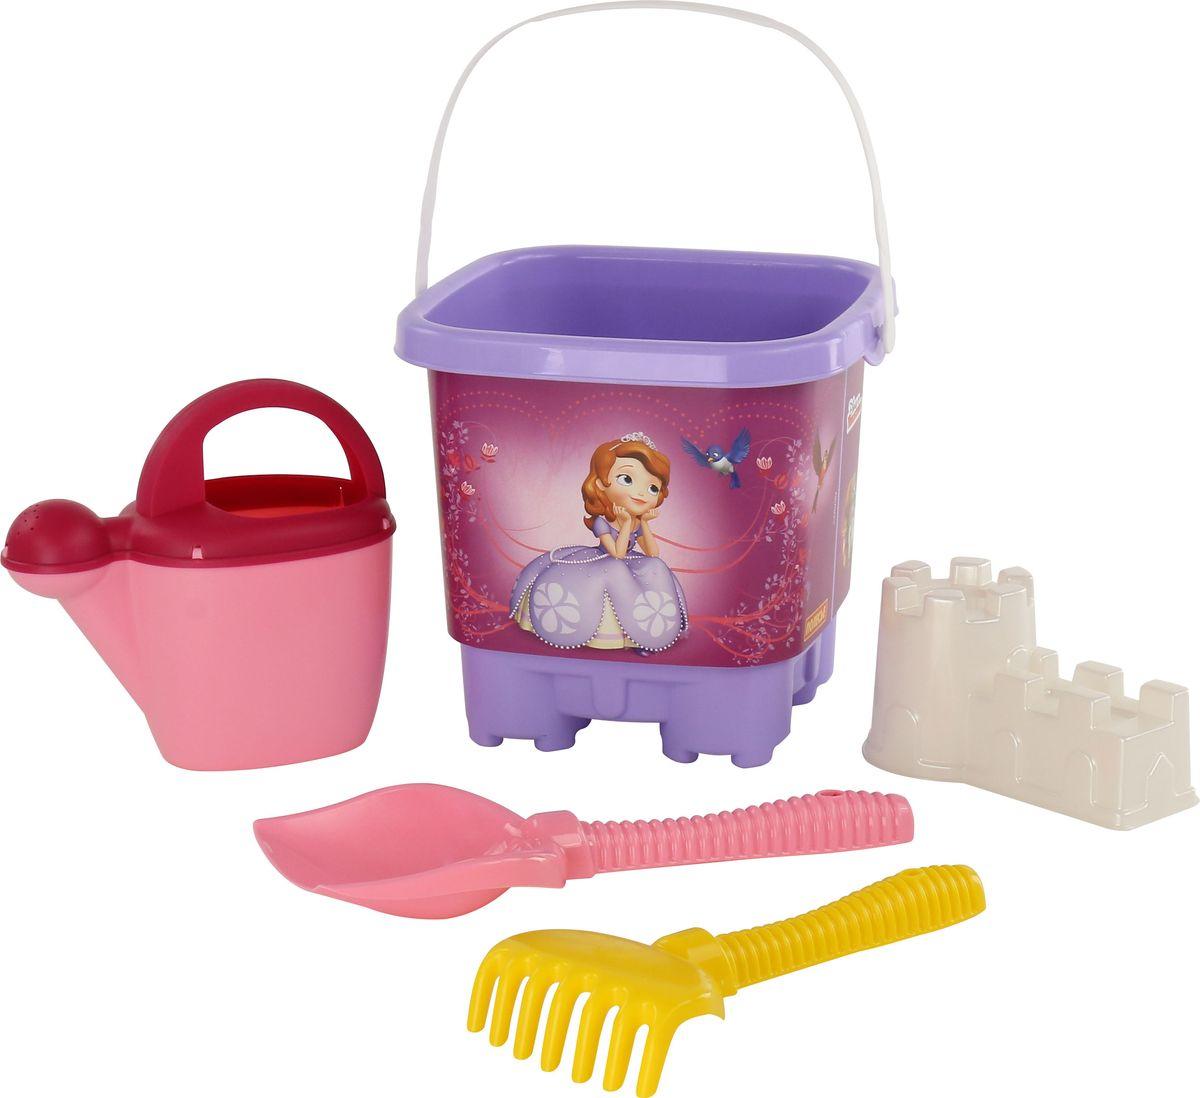 Disney Набор игрушек для песочницы София Прекрасная №4 marvel набор игрушек для песочницы софия прекрасная 1